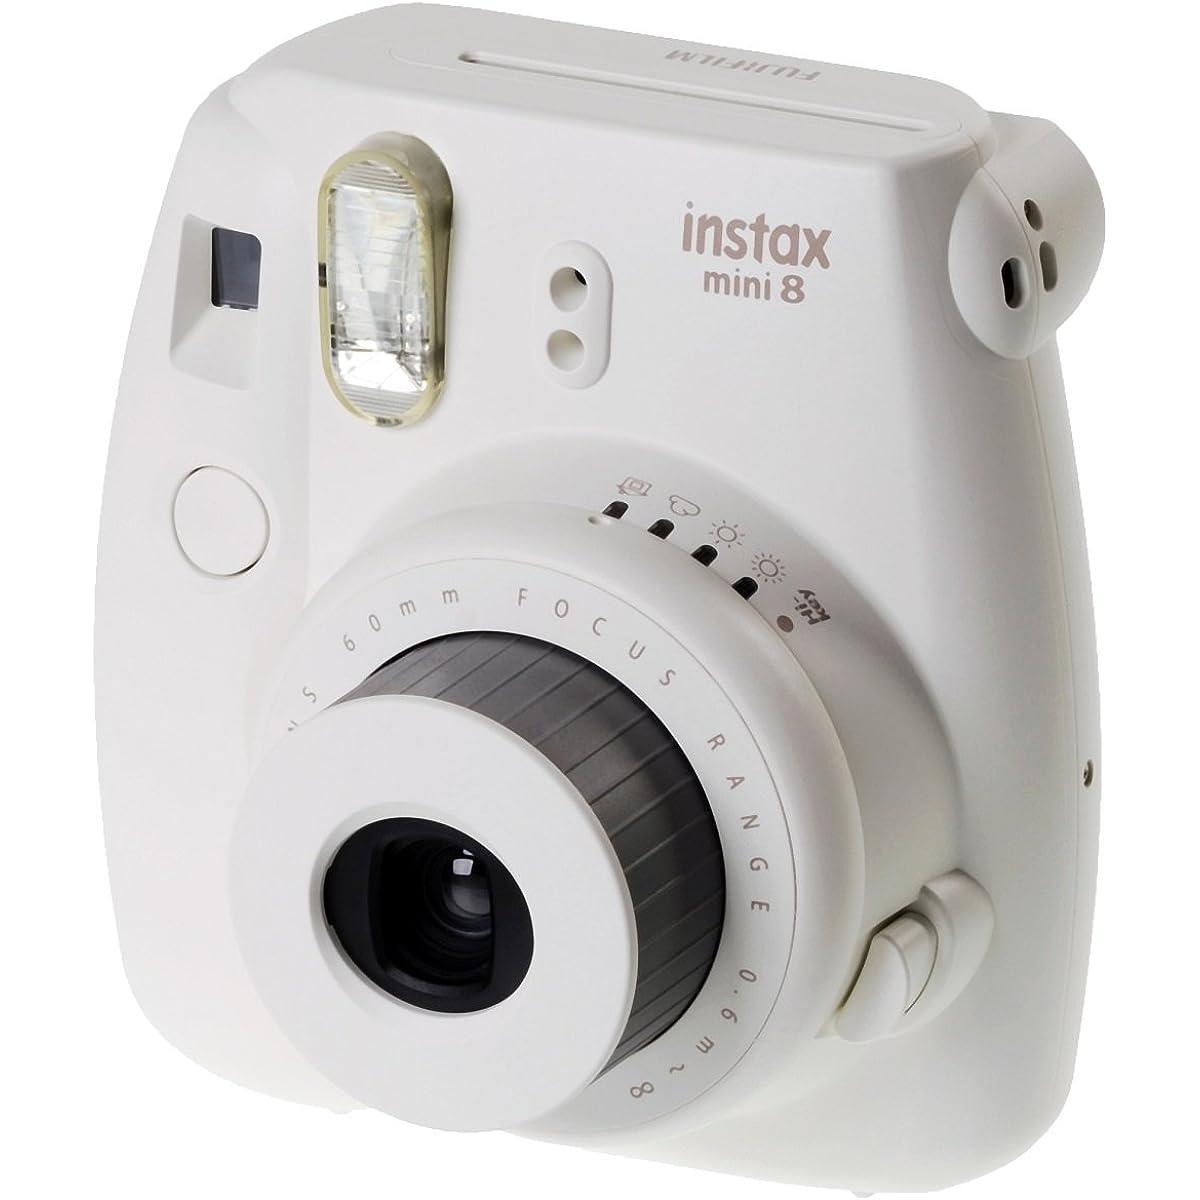 Sofortbildkameras (z.B. von Fujifilm) gehören zu den absoluten Trend-Kameras.